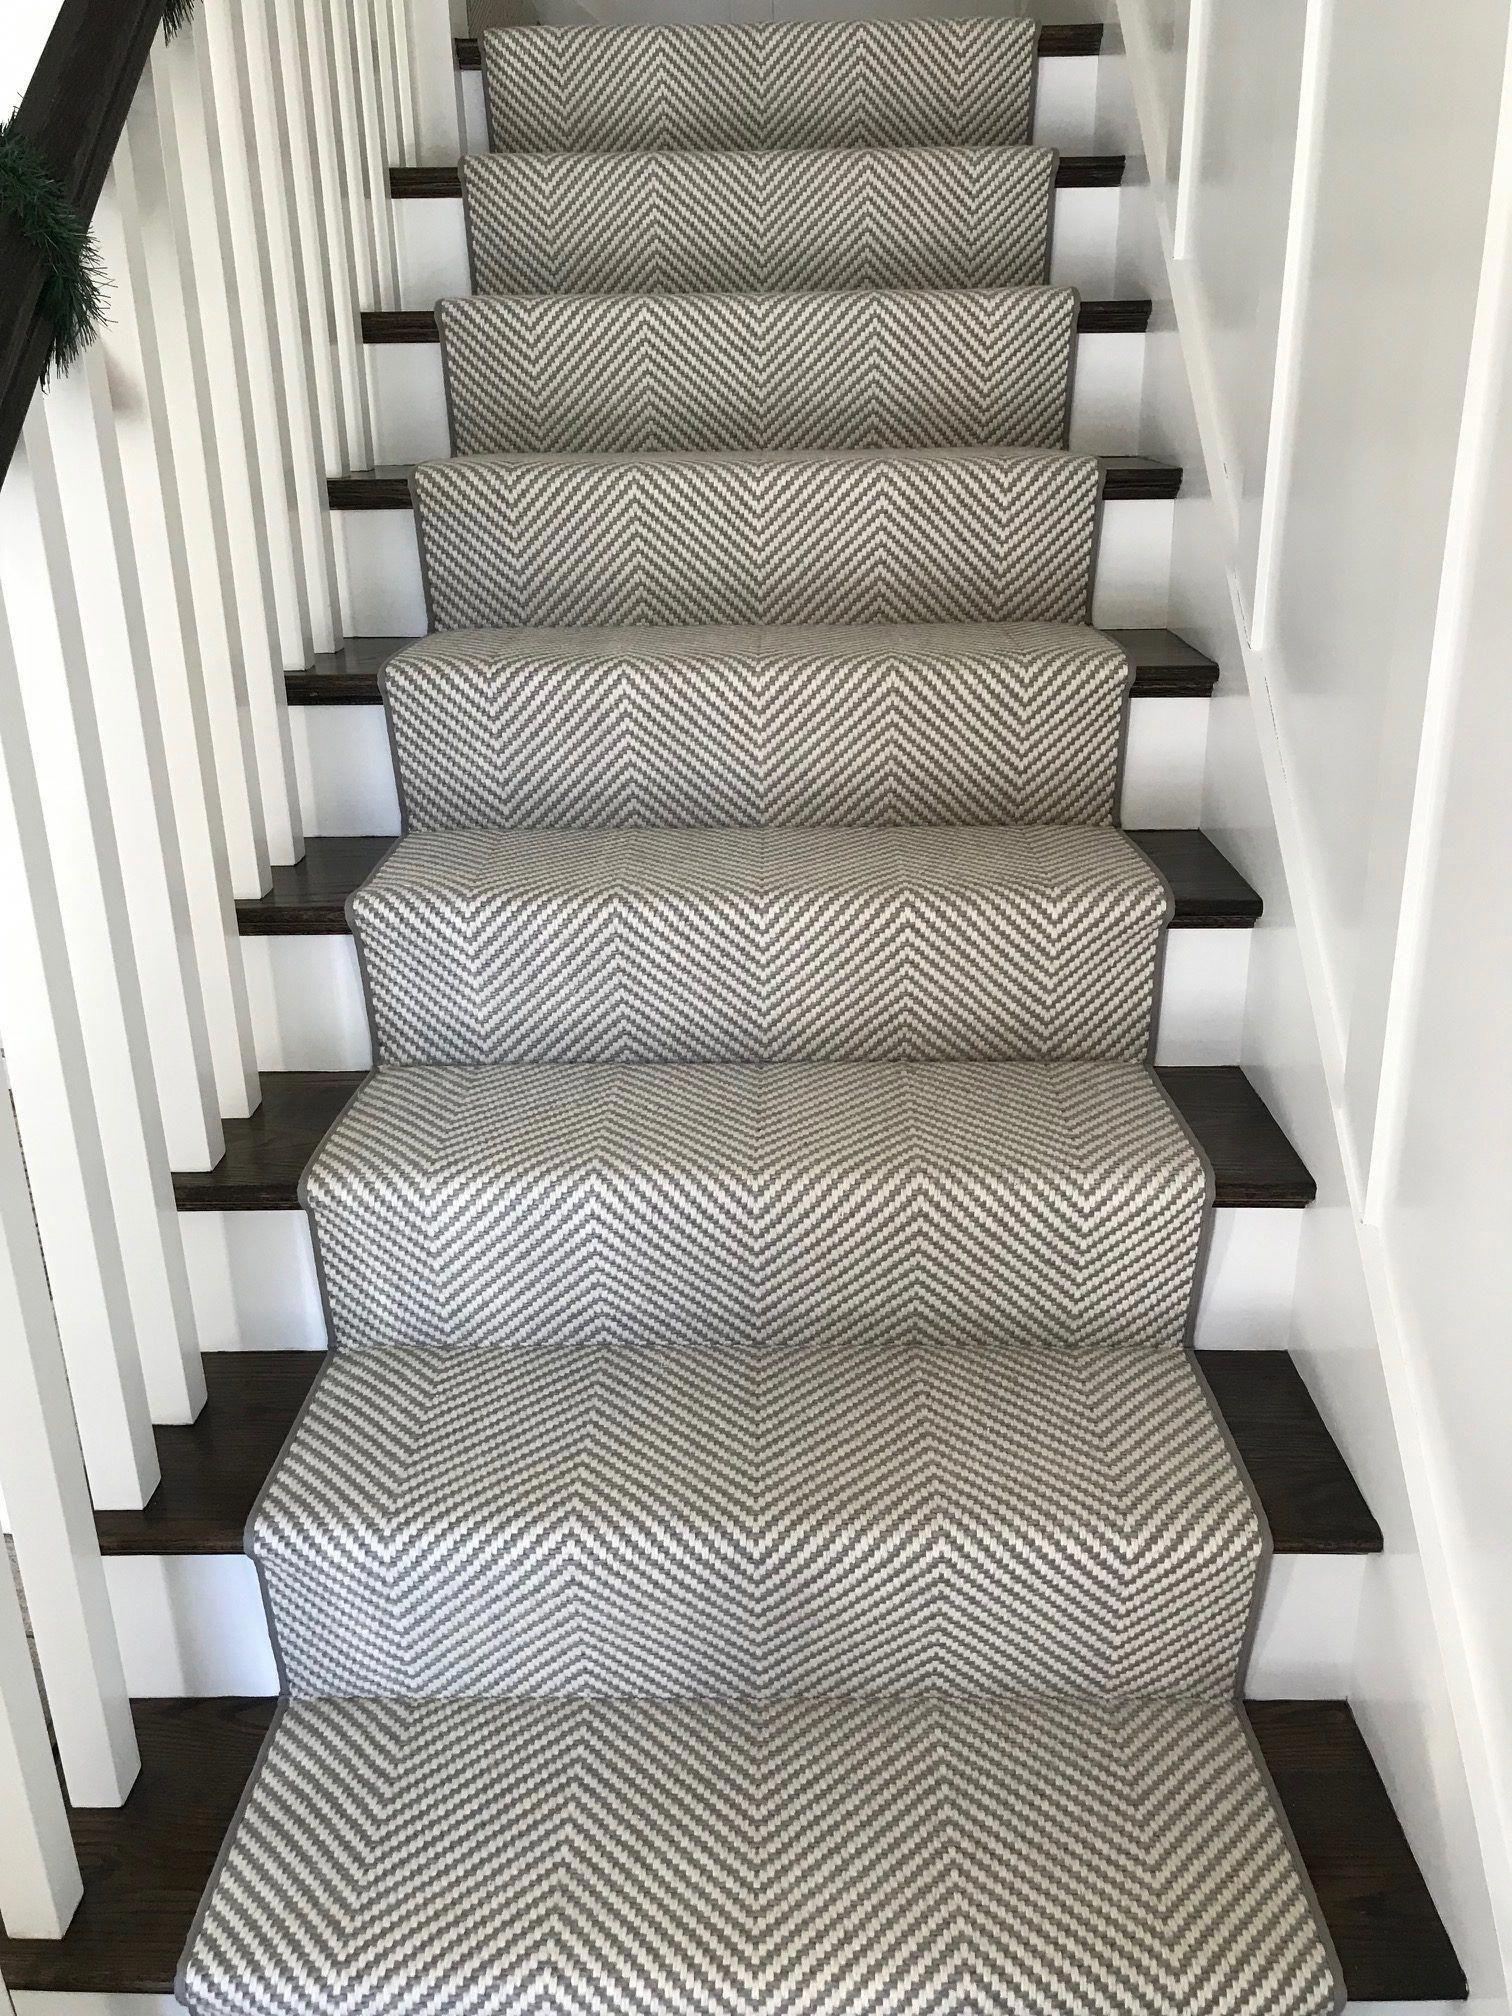 110 Rug Carpet Ideas Carpet Rugs On Carpet Stair Runner Carpet